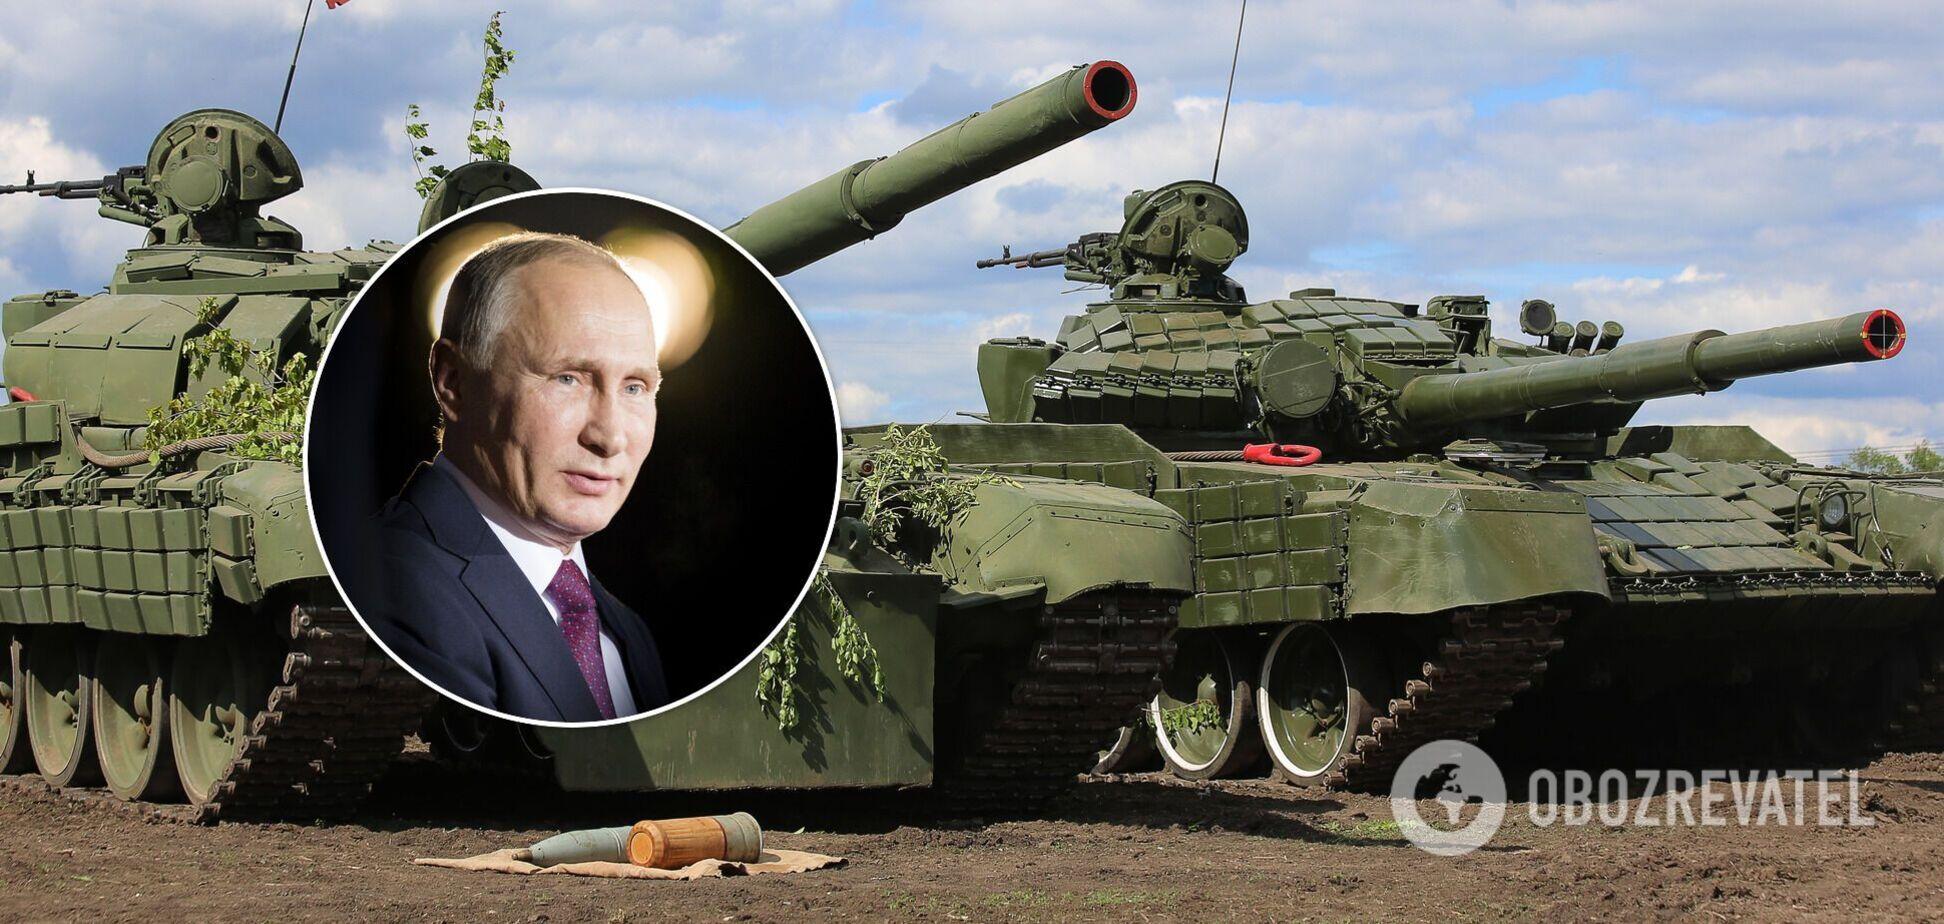 Полозов: Путин готов вводить на Донбасс регулярные войска и пробивать коридор в Крым